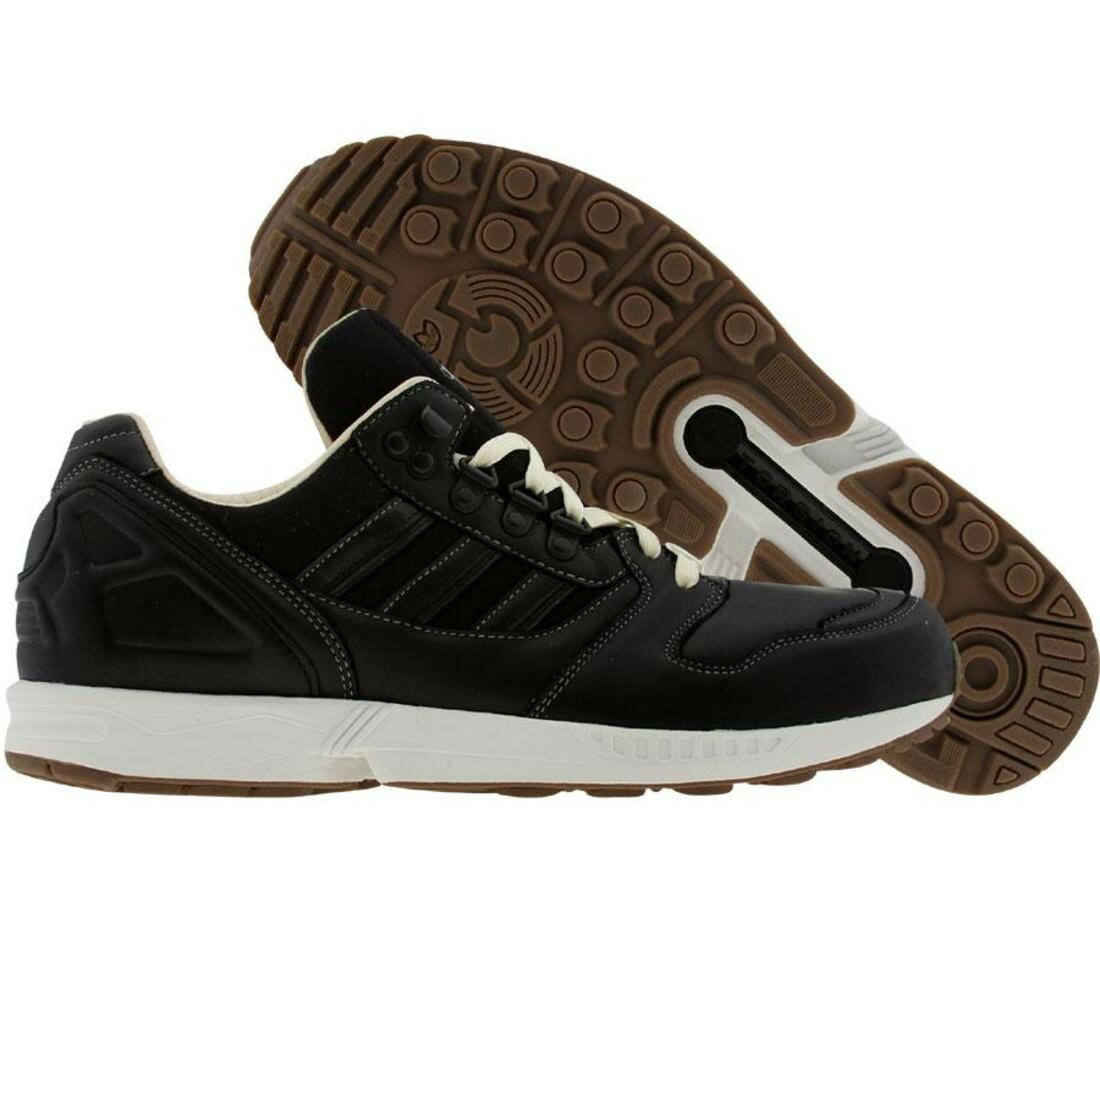 メンズ靴, スニーカー  WHITE ADIDAS ZX 8000 BLACK1 VAPOR